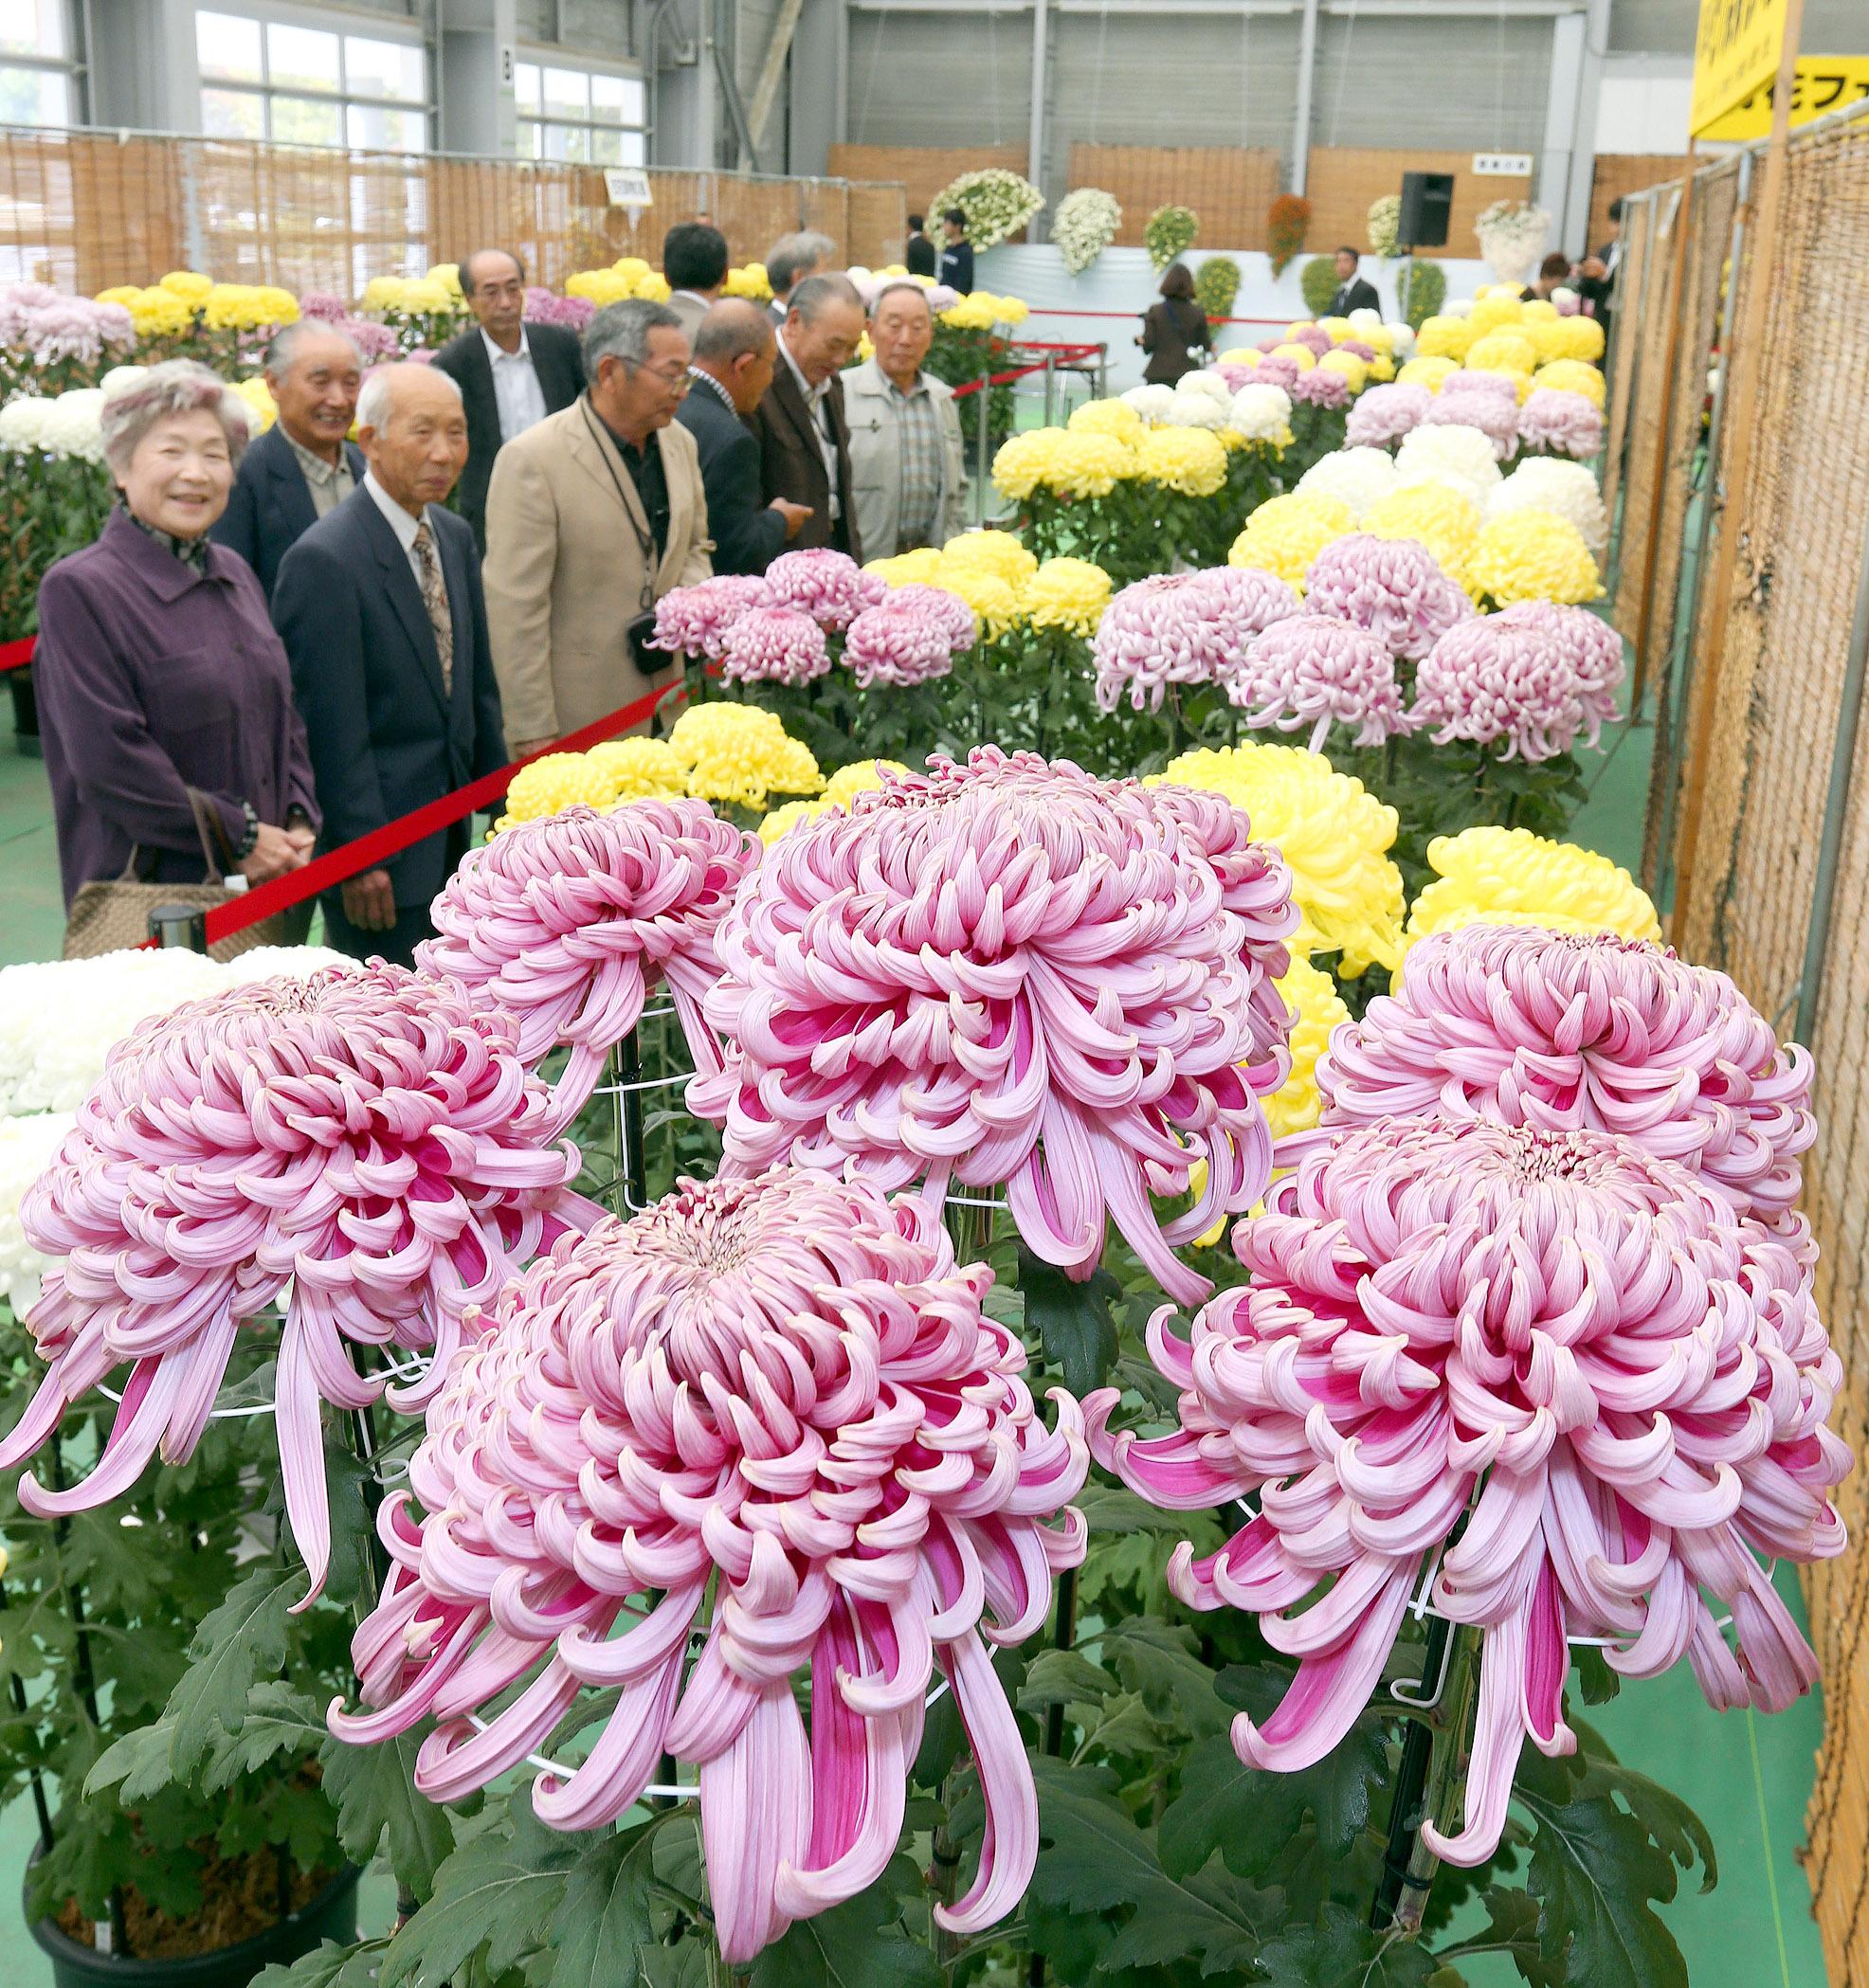 色鮮やかな菊に見入る来場者=26日午前10時20分、白山市松任総合運動公園屋内運動場